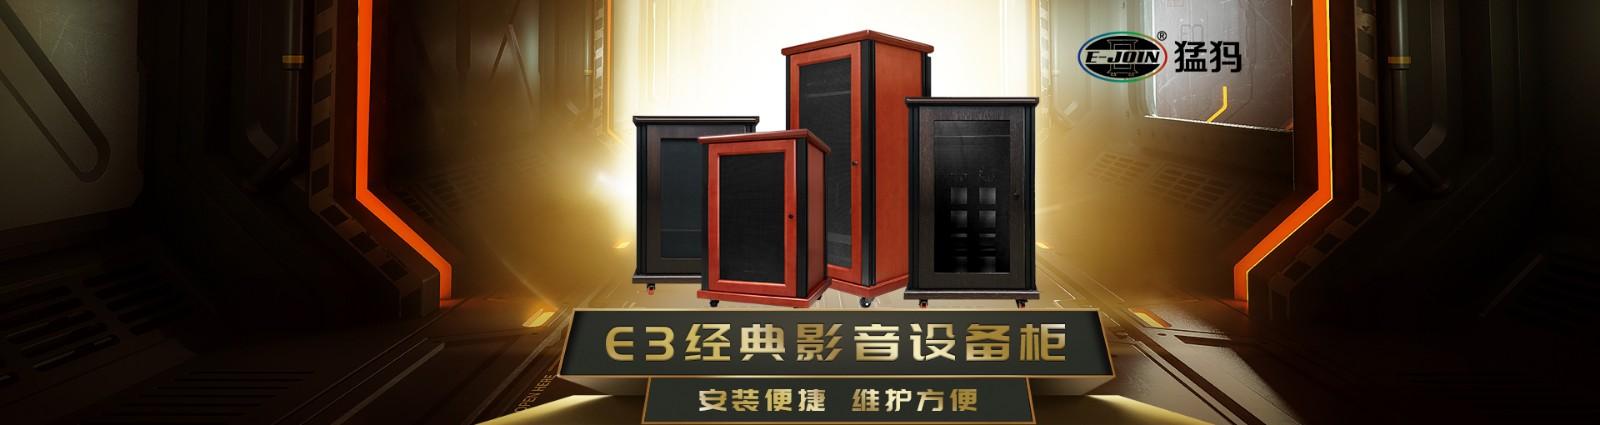 E-JOIN猛犸立式工程机柜E3-J880H影院设备柜网络服务器机柜实木板材定制家庭影院机柜 黑胡桃 870*600*600mm